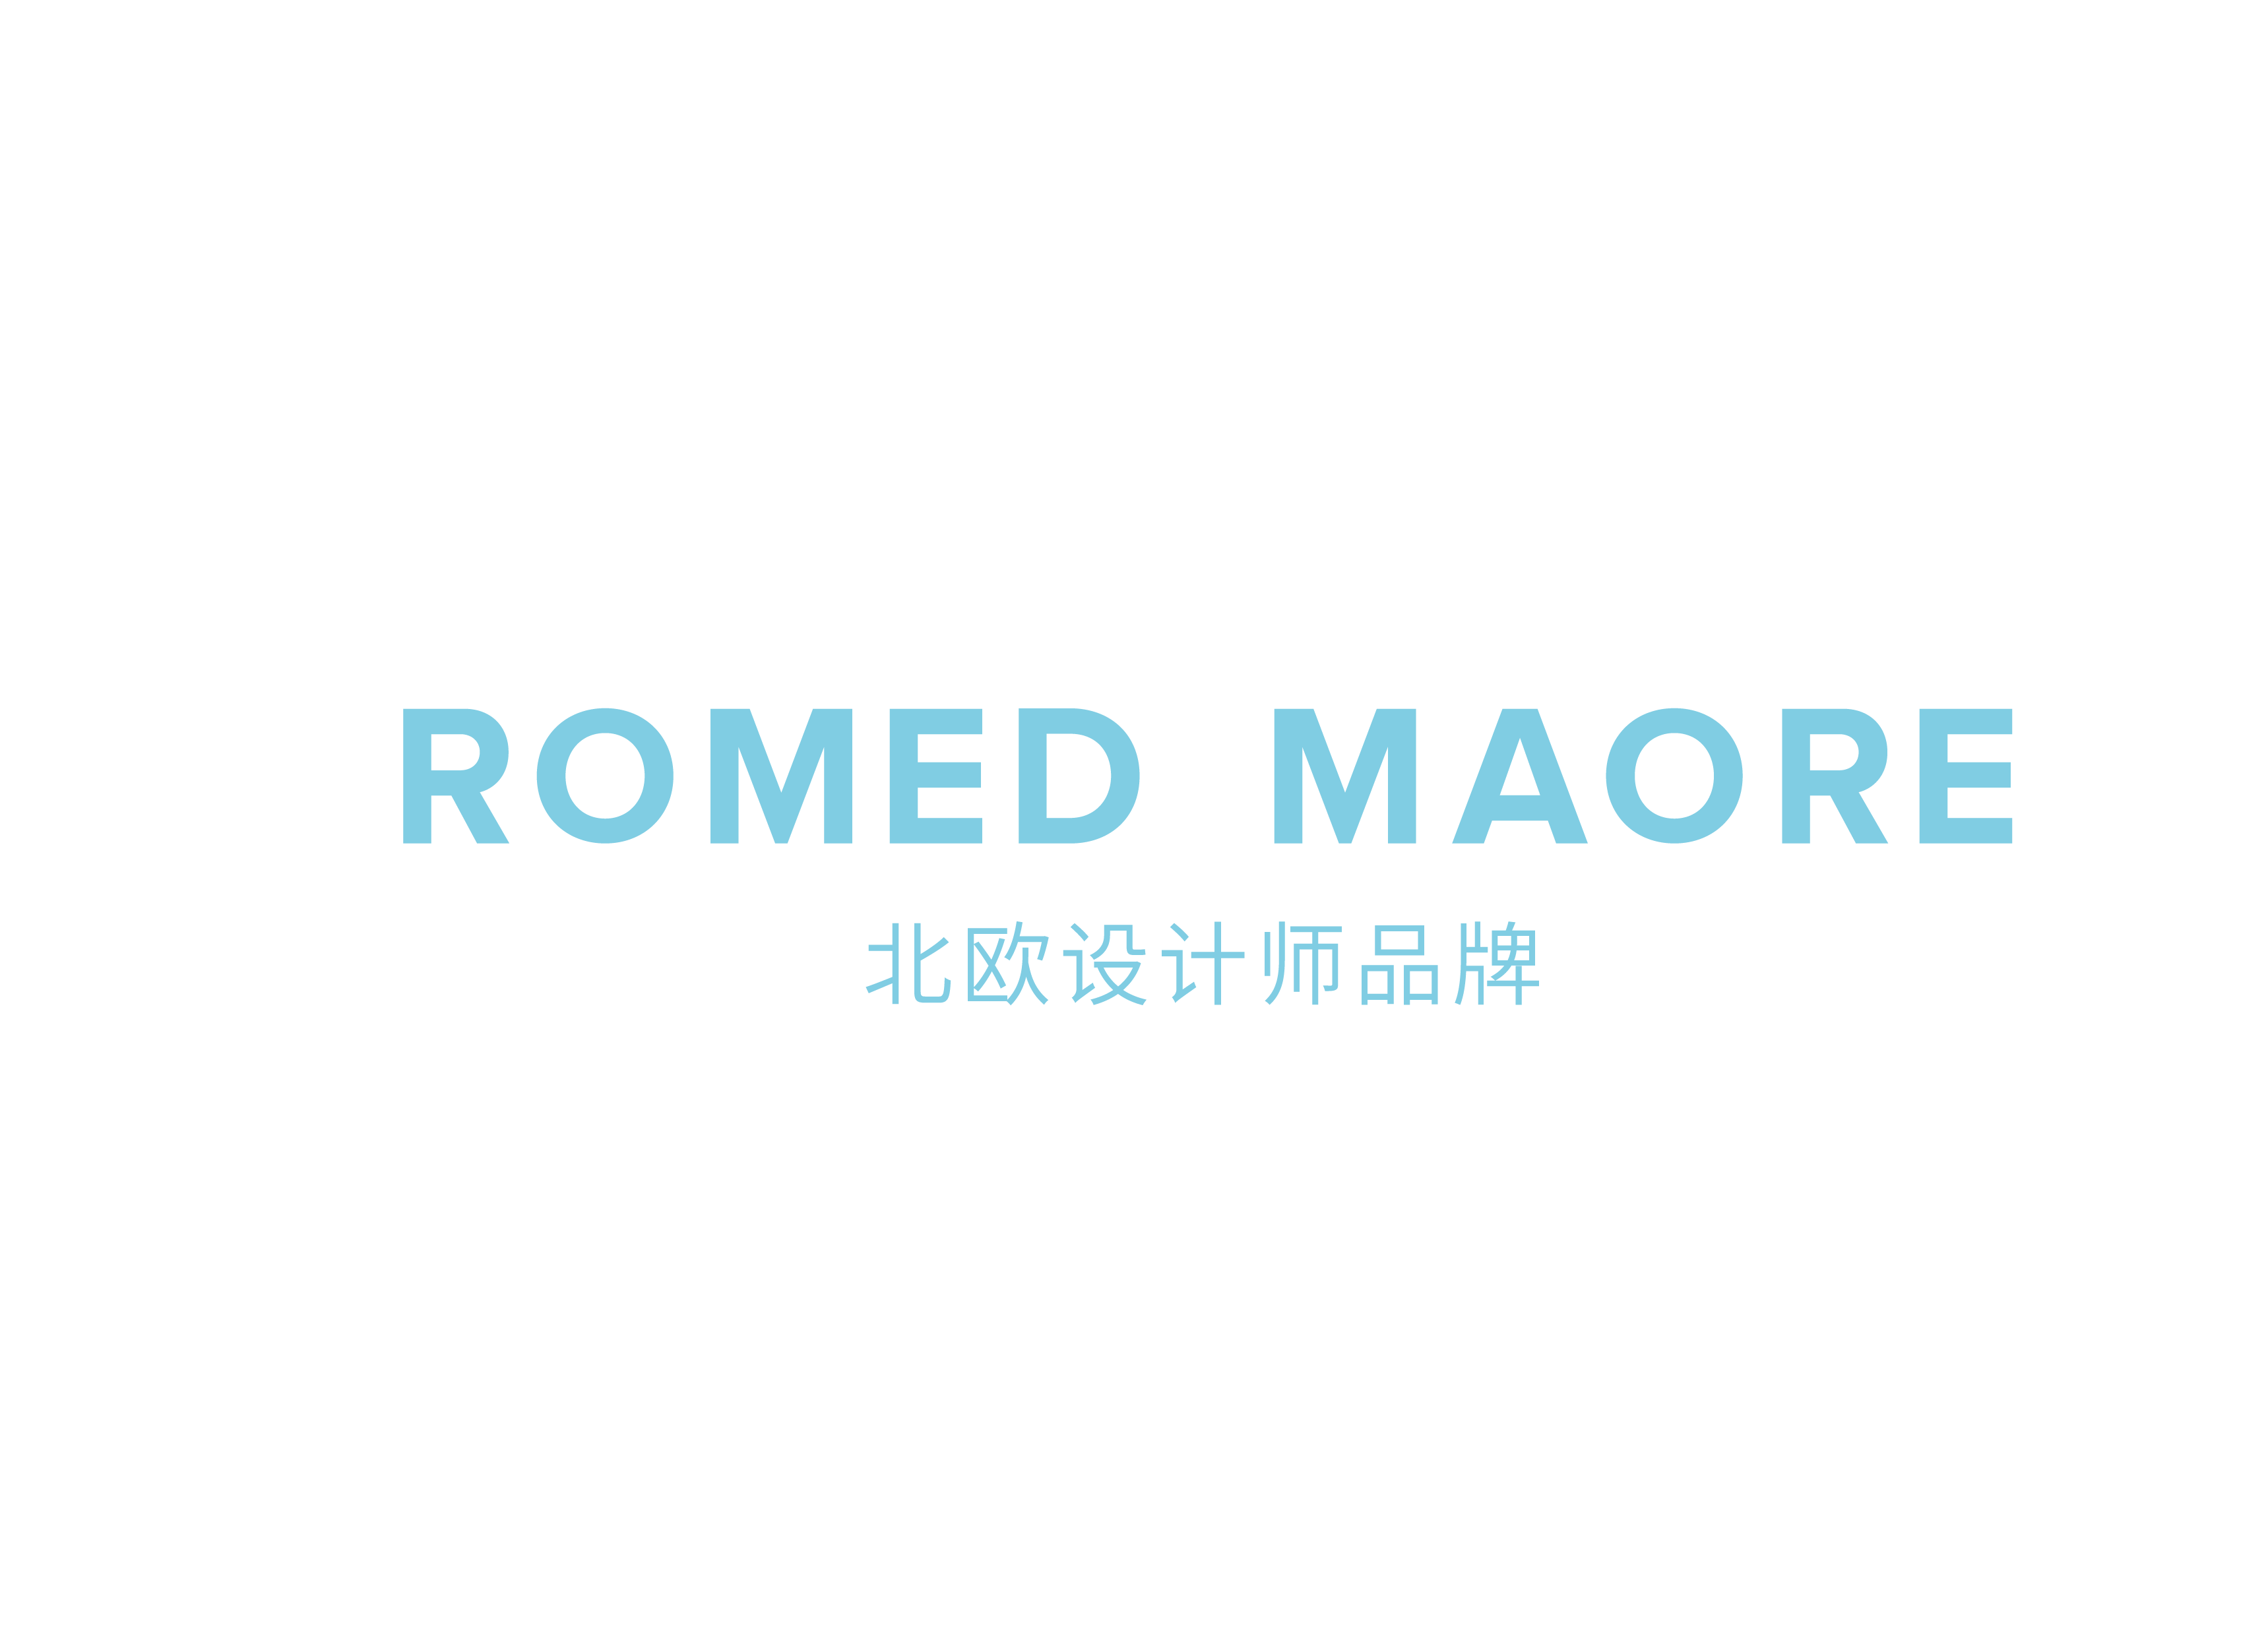 Romed  Maore